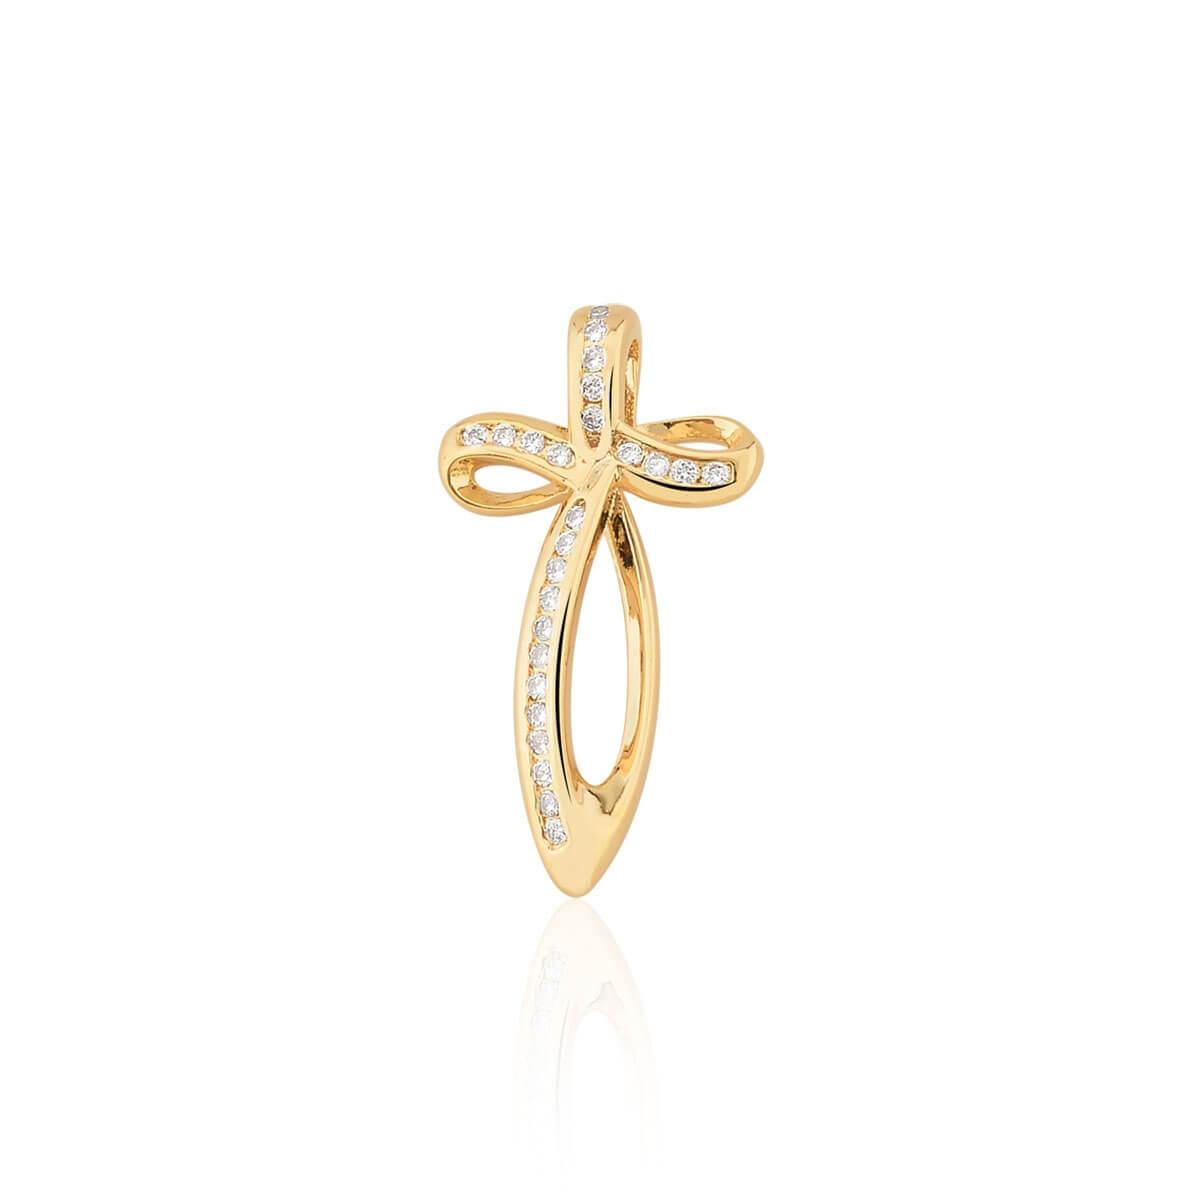 Pingente de Cruz Curva com Zircônias Brancas Banhado em ouro 18k